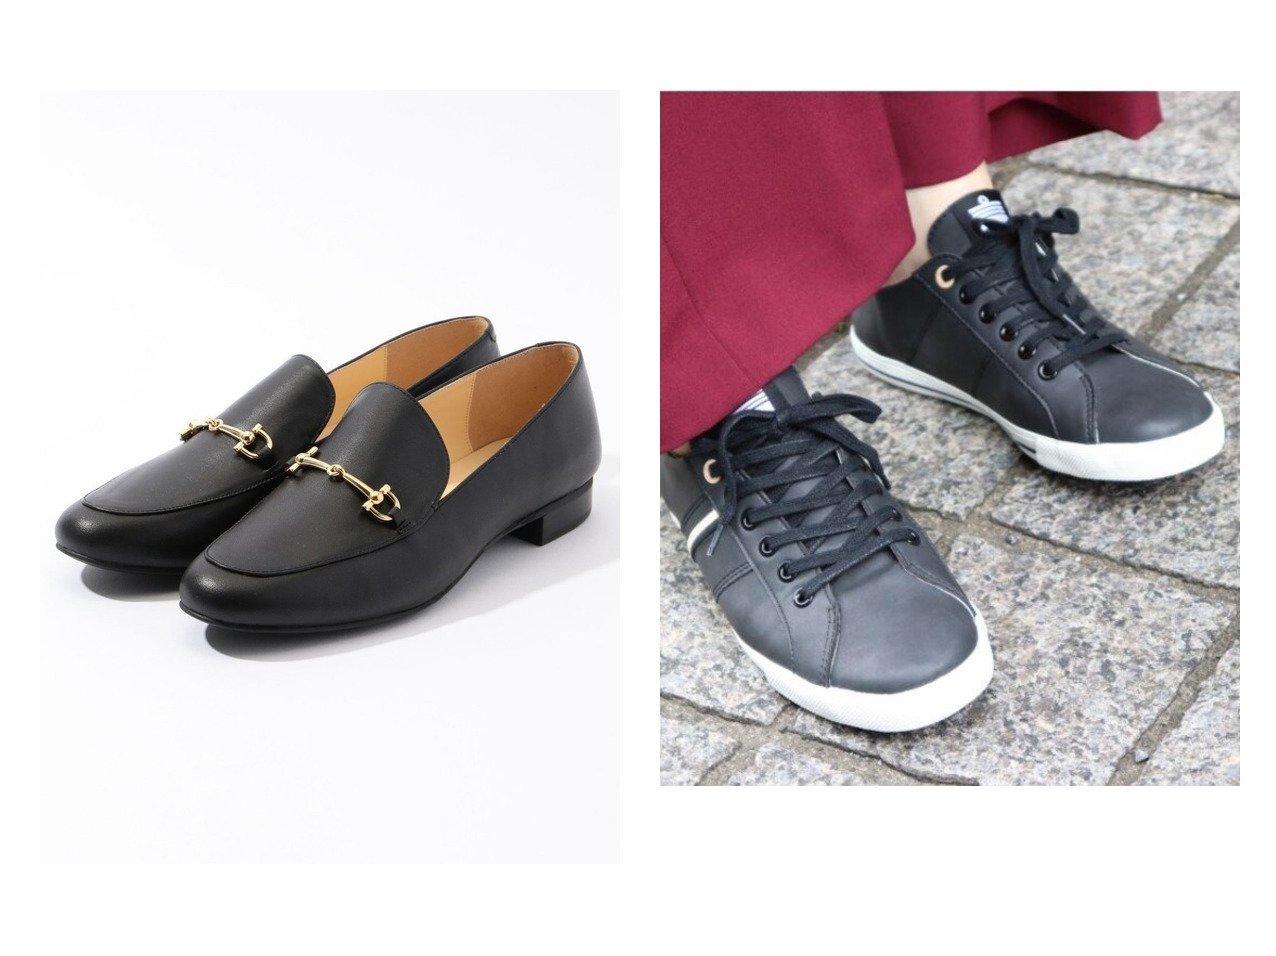 【Admiral Footwear/アドミラルフットウェア】の【WOMEN】【MEN】【スニーカー】ワトフォード SL&【TOMORROWLAND GOODs/トゥモローランド グッズ】のTOMORROWLAND ビット付きローファー シューズ・靴のおすすめ!人気、トレンド・レディースファッションの通販 おすすめで人気の流行・トレンド、ファッションの通販商品 メンズファッション・キッズファッション・インテリア・家具・レディースファッション・服の通販 founy(ファニー) https://founy.com/ ファッション Fashion レディースファッション WOMEN エレガント シューズ ベーシック 切替 シンプル スエード スニーカー スマート 定番 Standard フォルム レース 送料無料 Free Shipping  ID:crp329100000012971